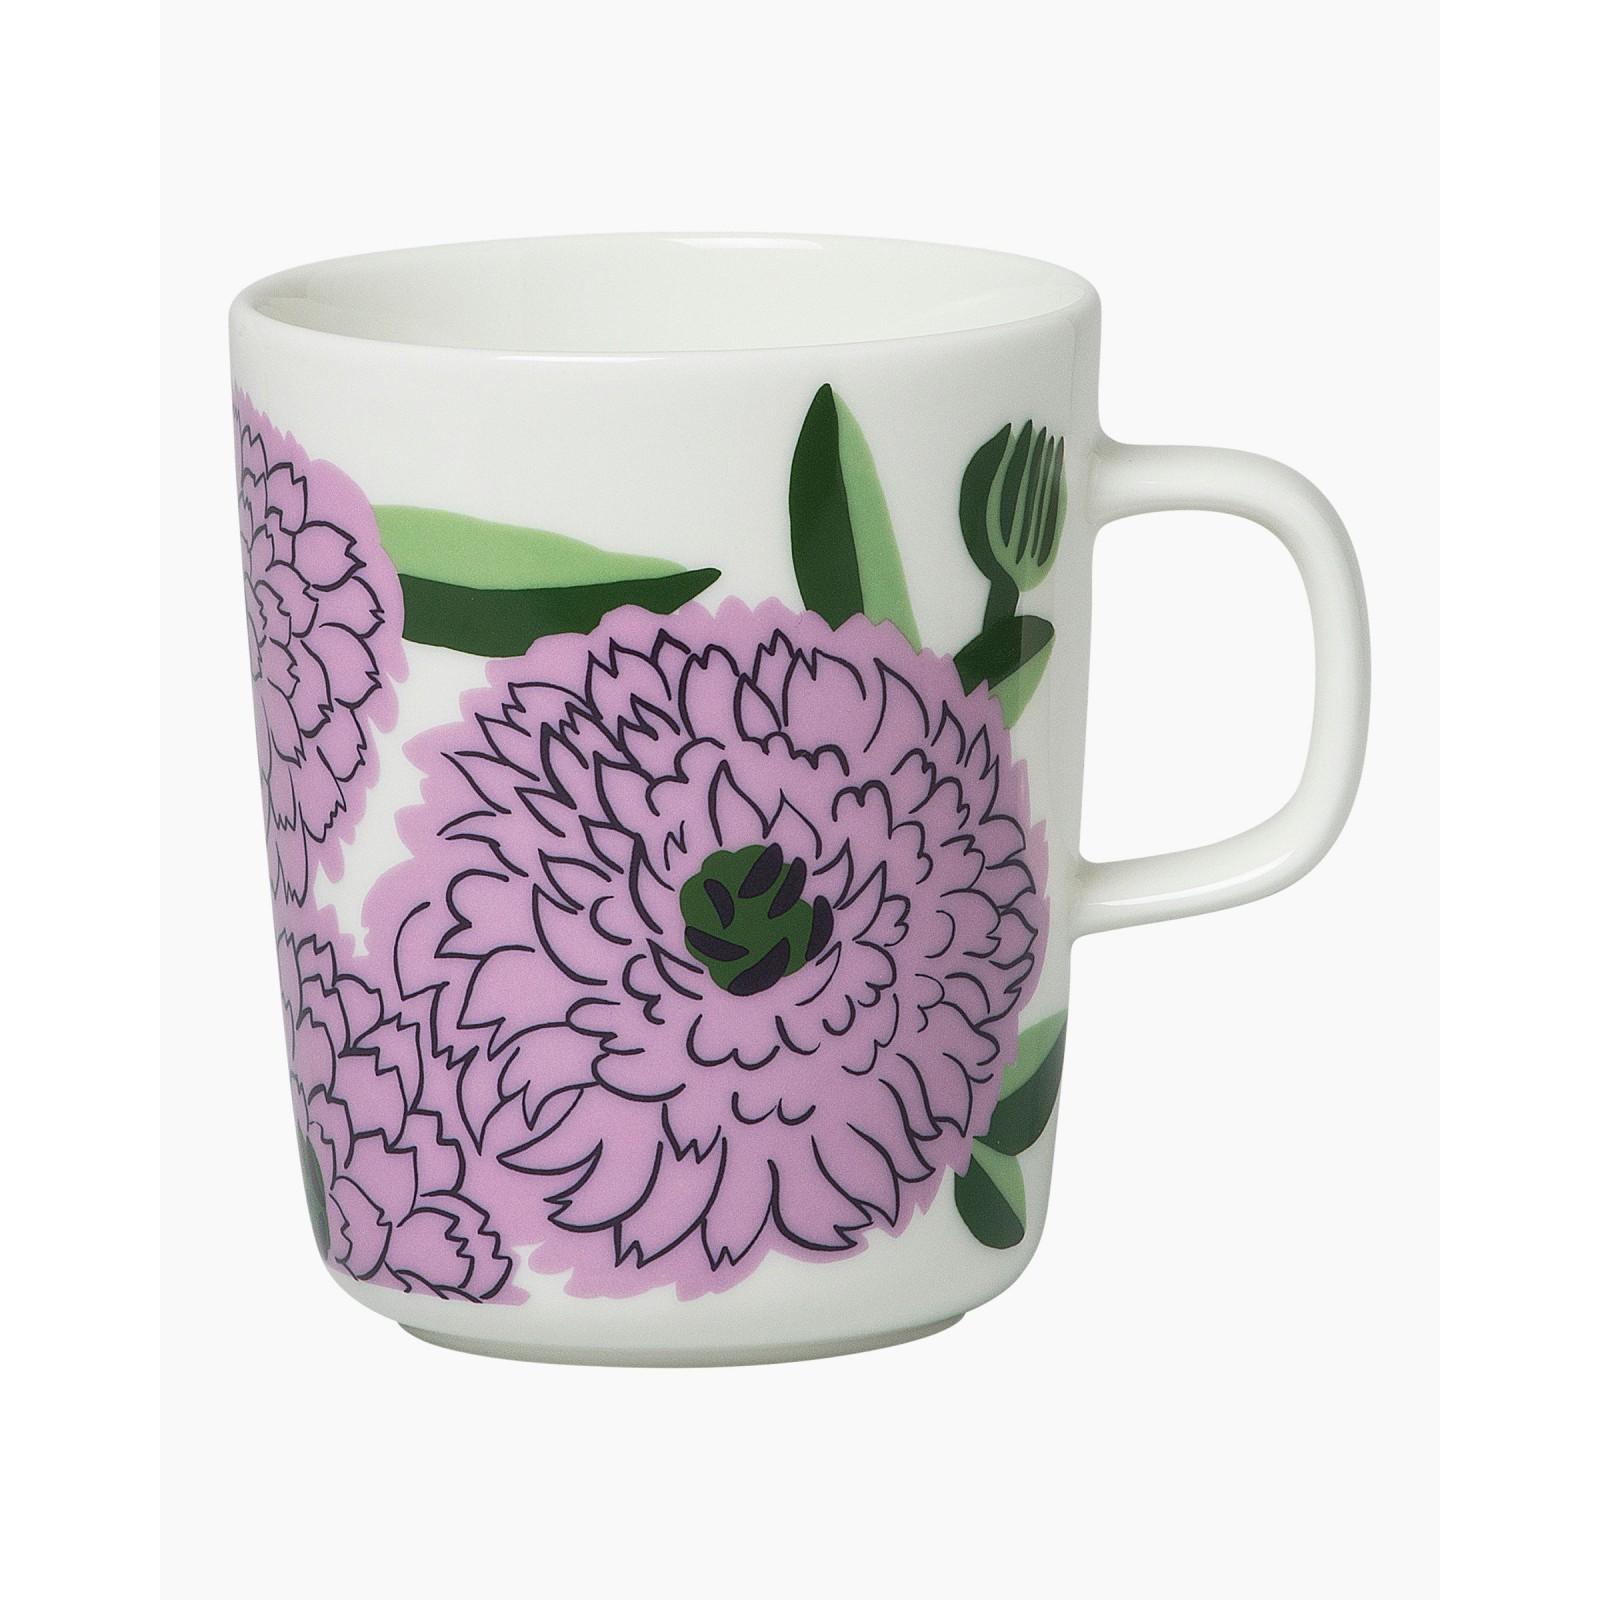 Oiva/Primavera mug 2,5dl paars/groen